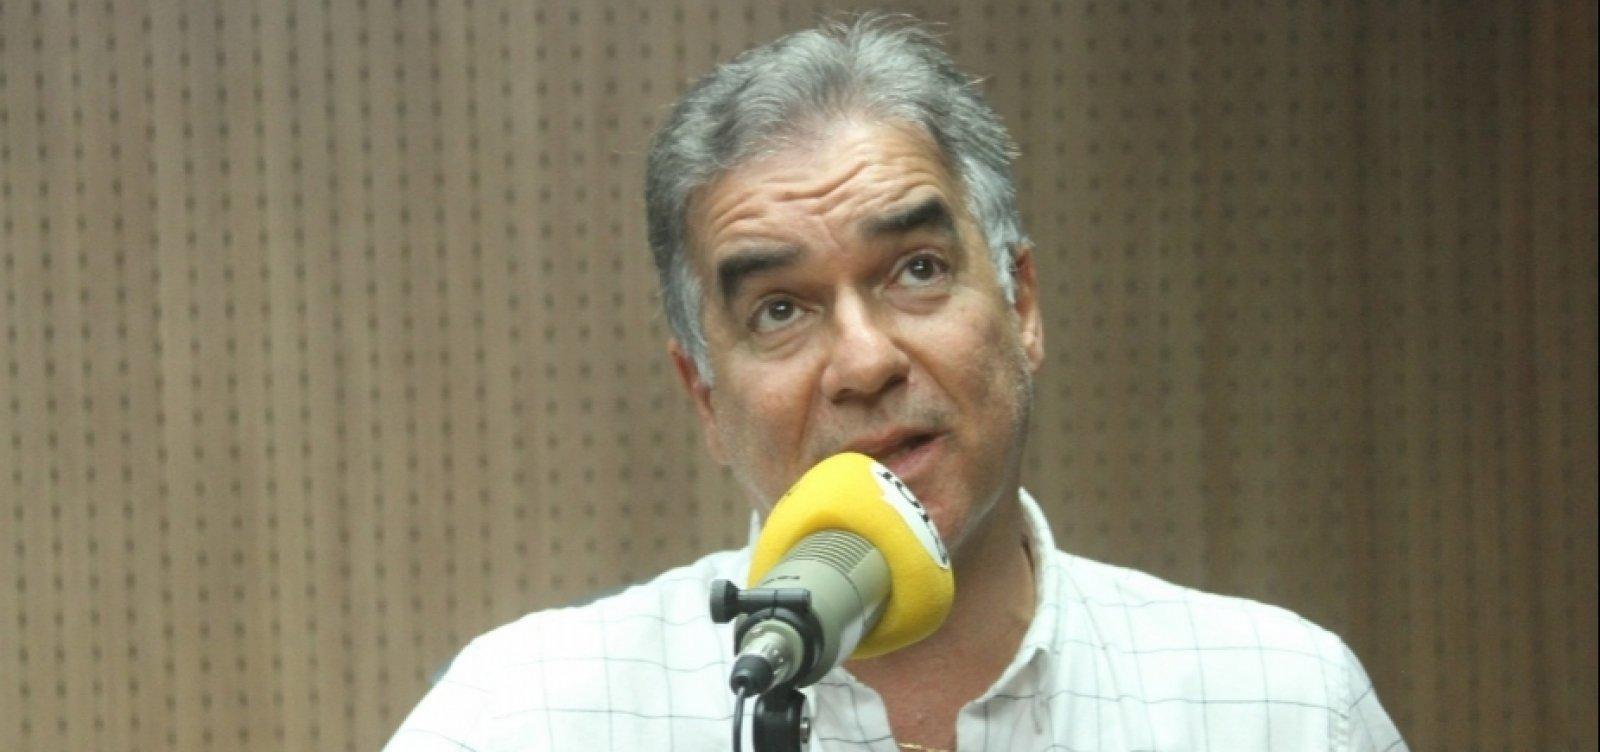 [Criticado por aliado, Zé Neto defende pré-candidatura em Feira: 'Não se trata de posição pessoal']